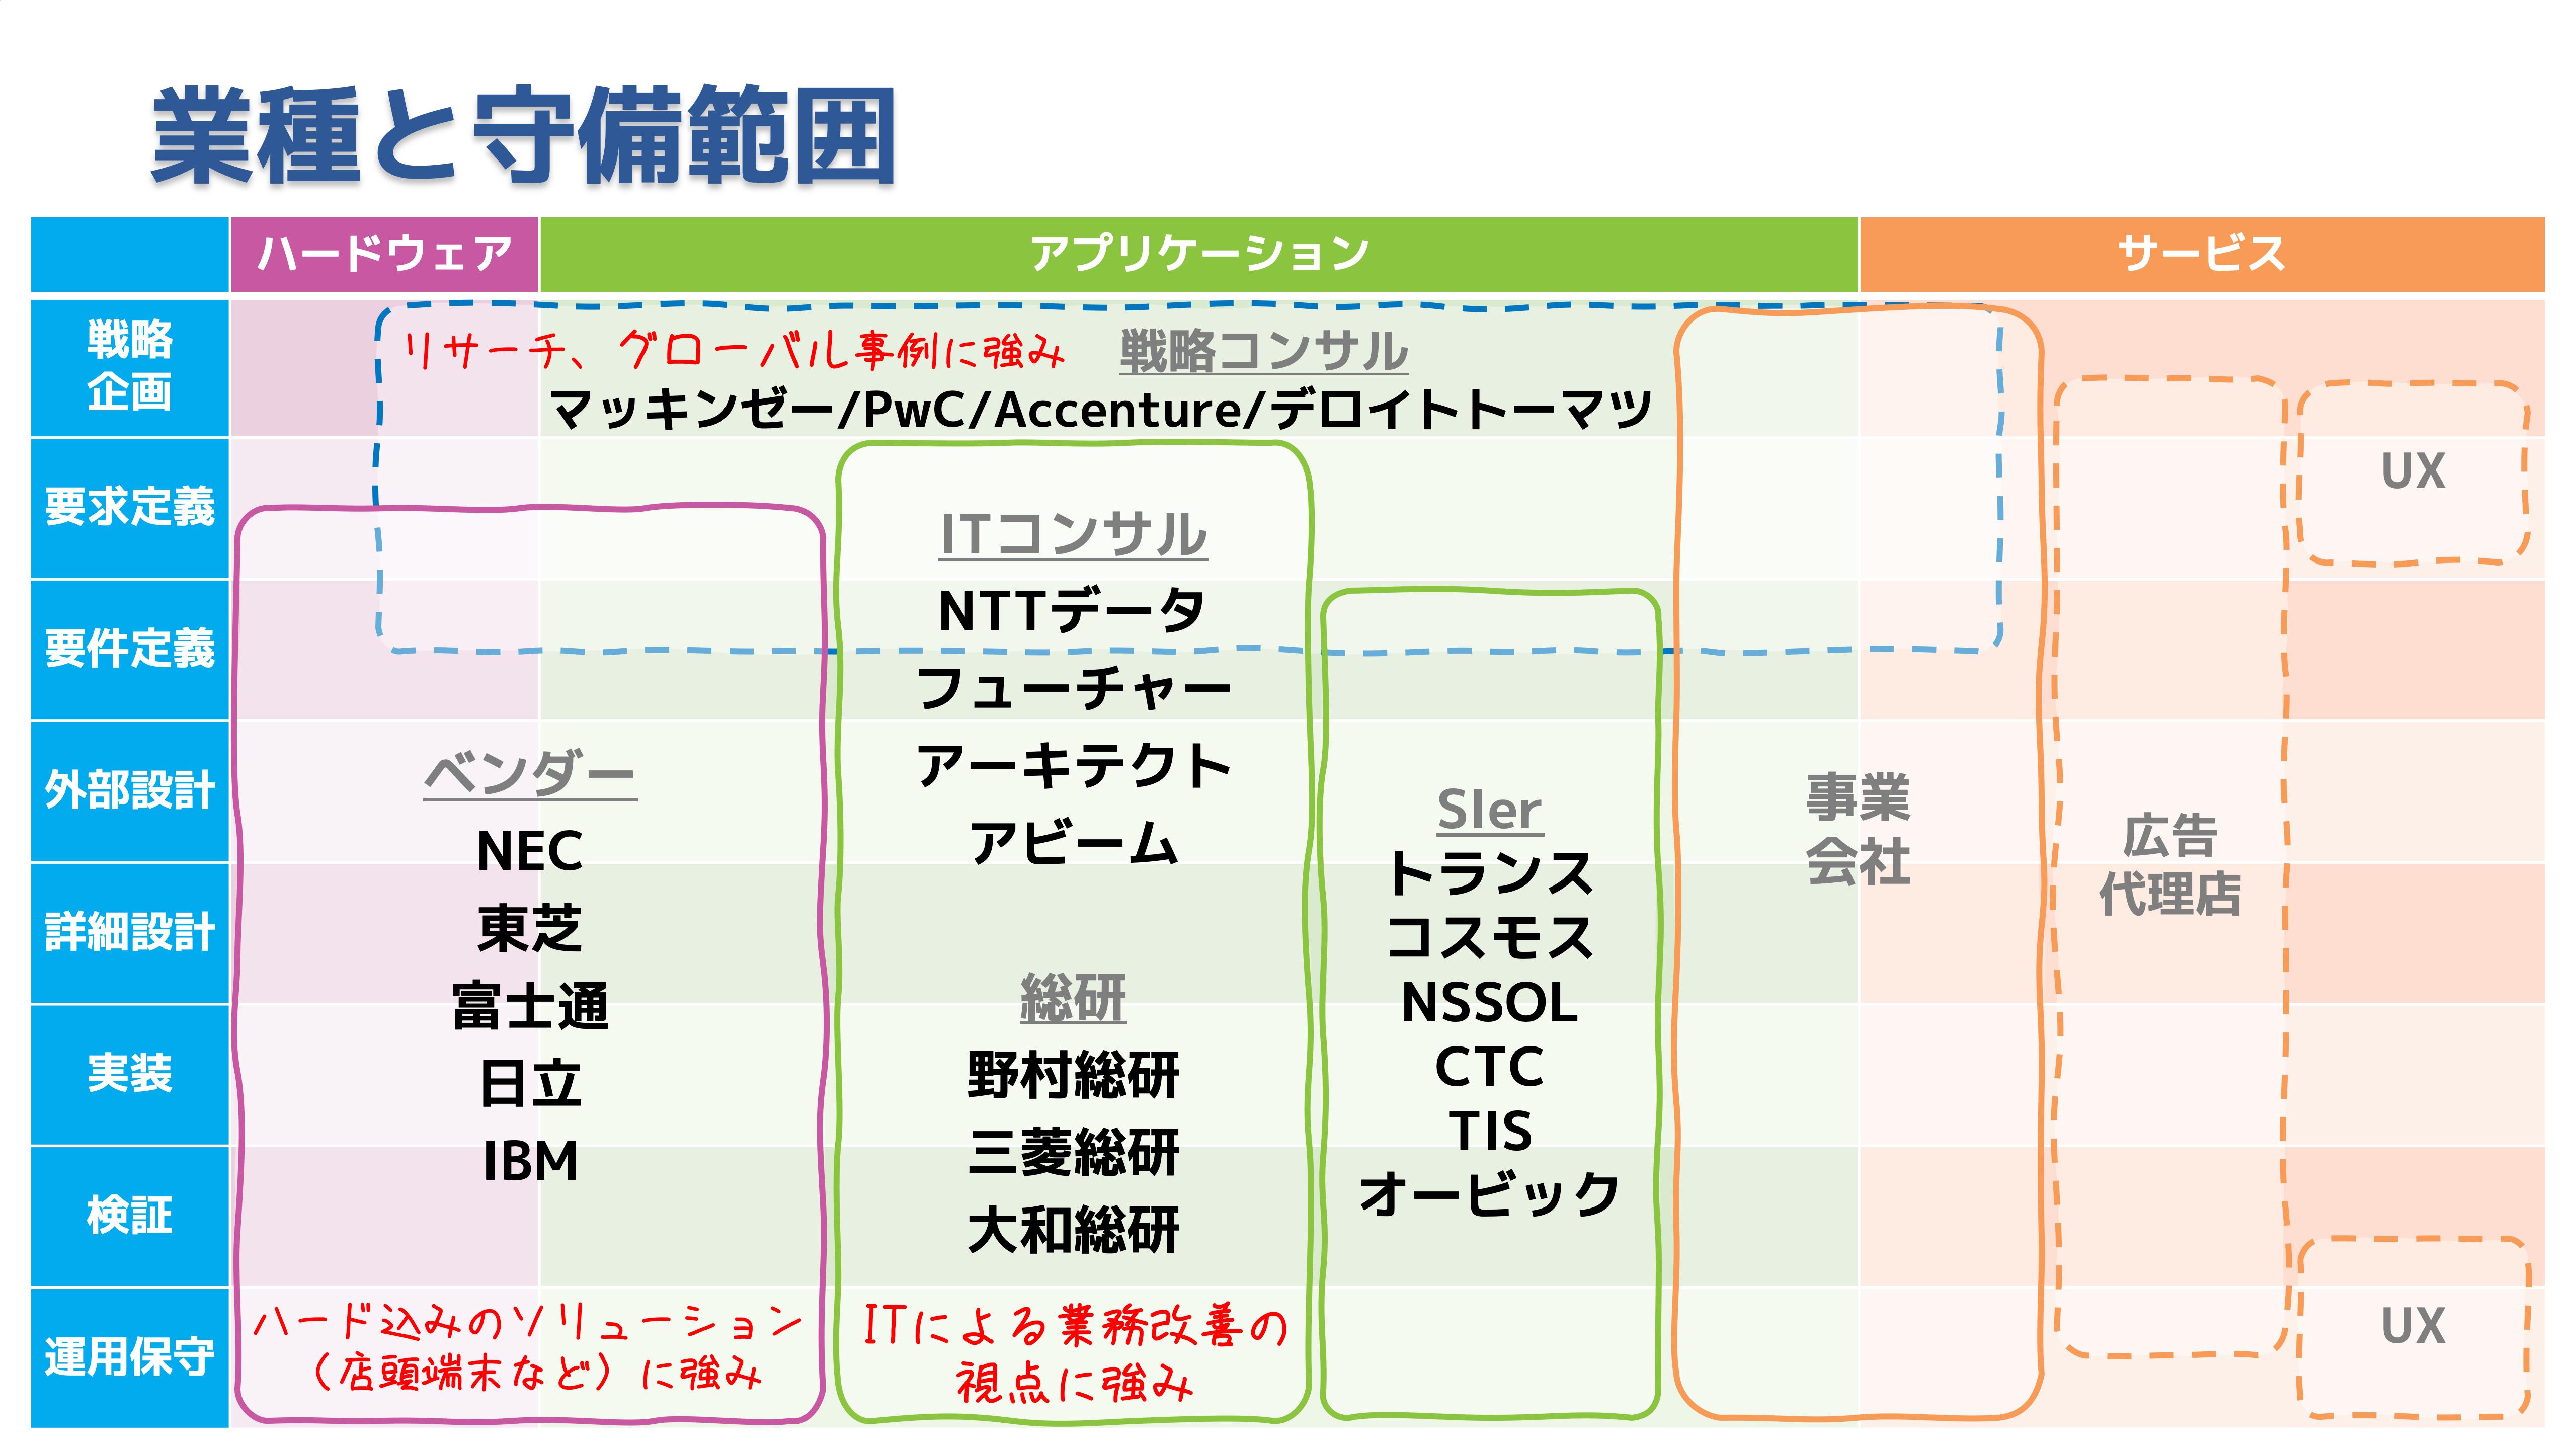 スクリーンショット 2020-03-16 10.33.49.png